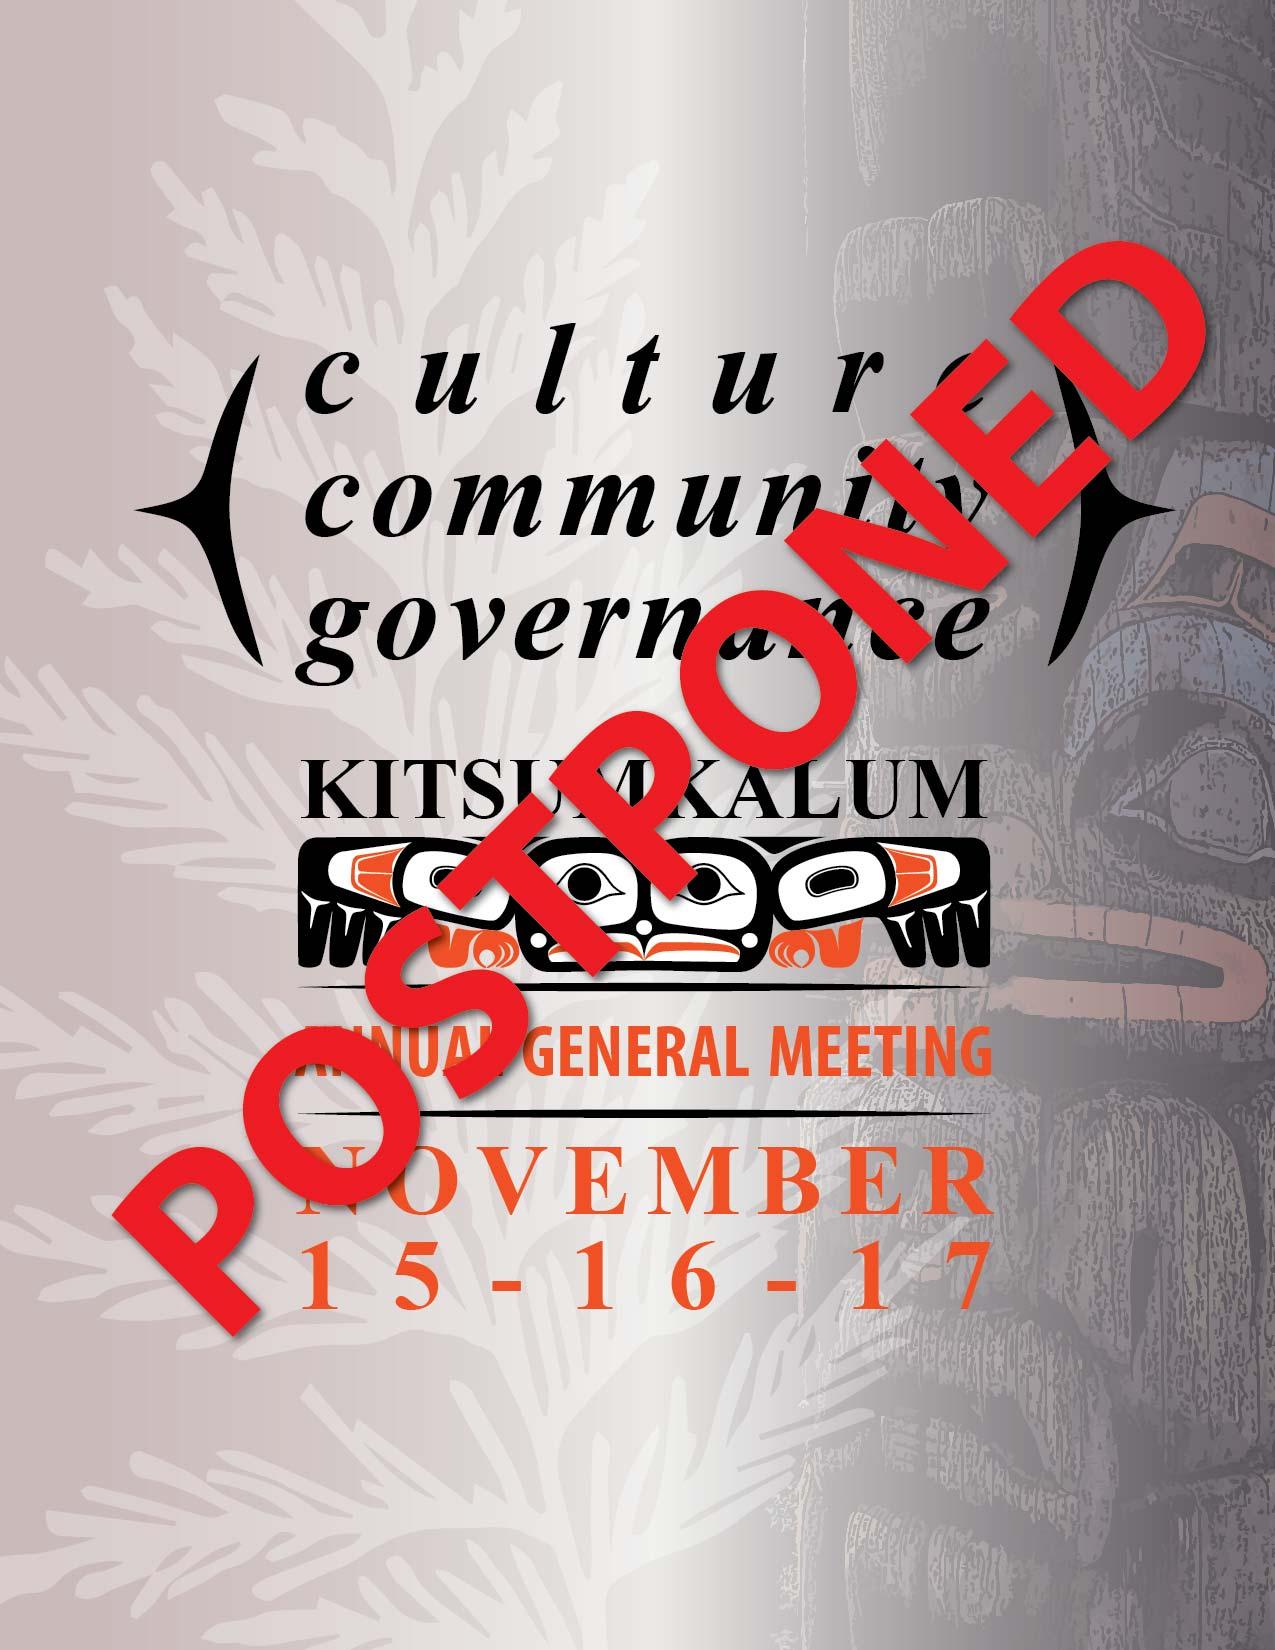 POSTPONED Kitsumkalum Annual General Meeting NOVEMBER 15, 16, 17